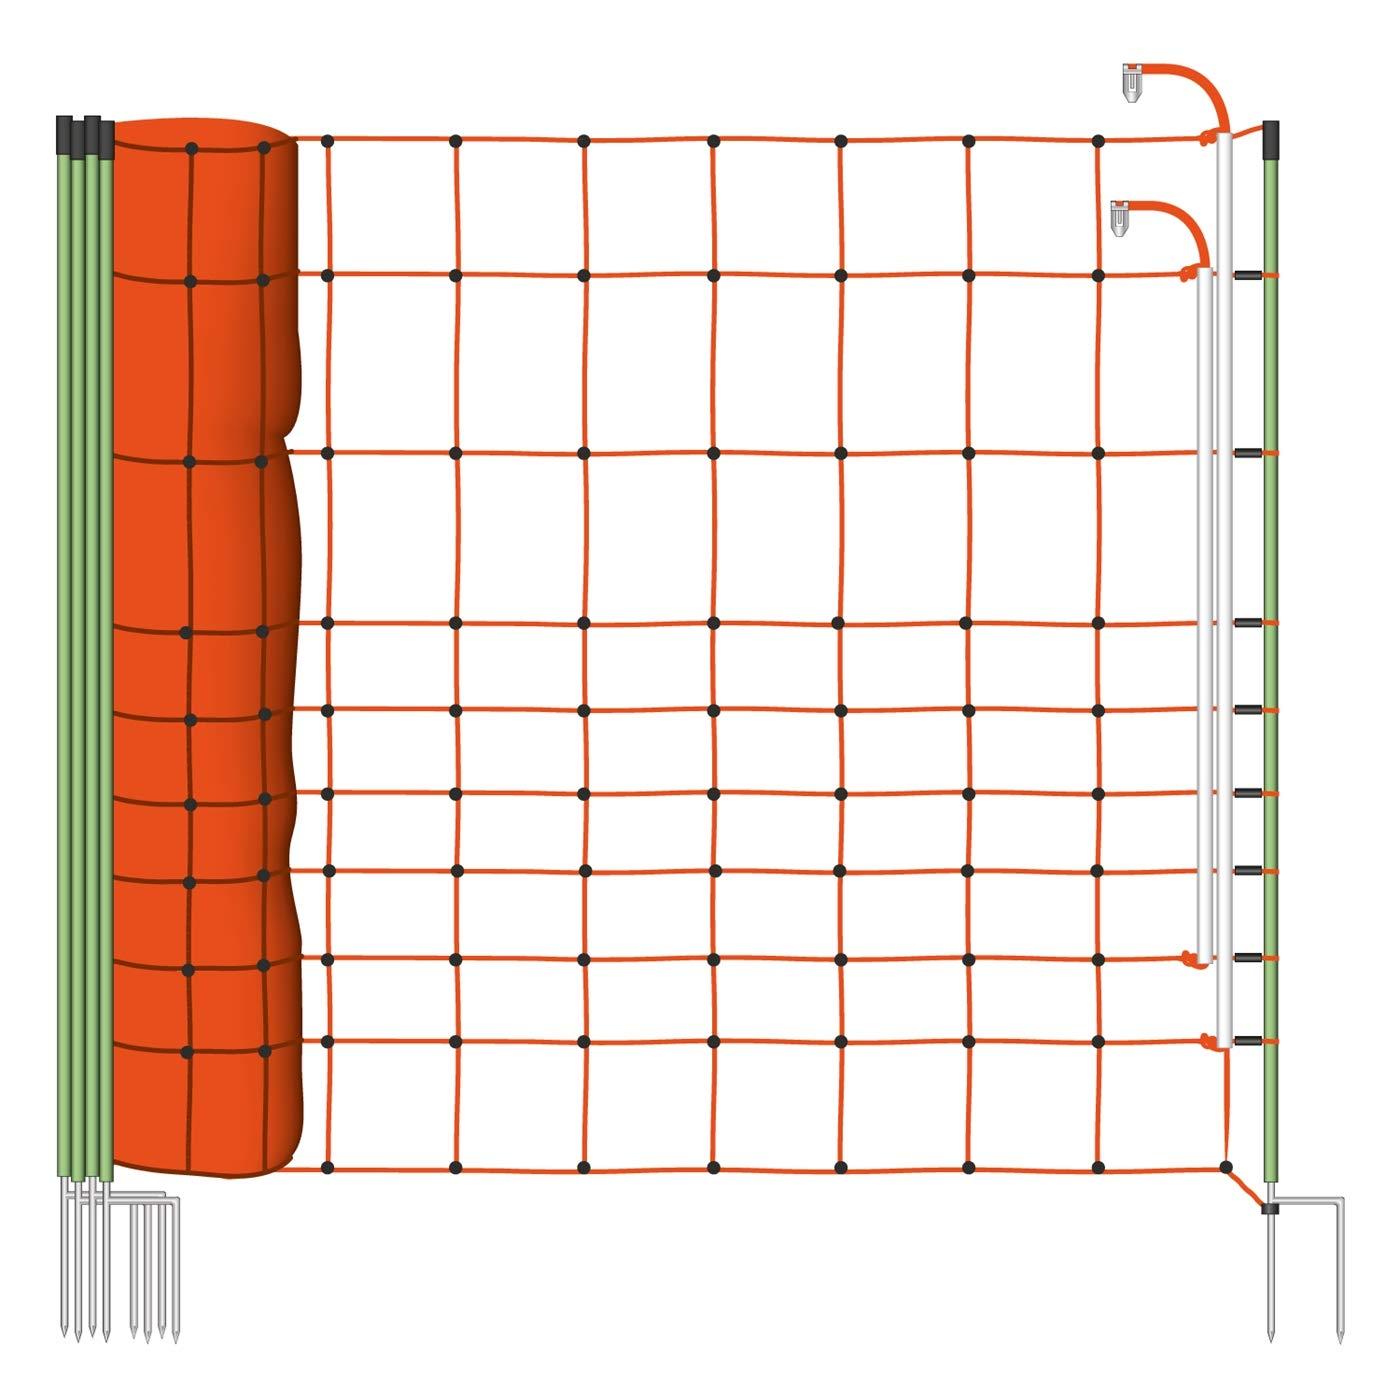 Malla eléctrica para ovejas PLUS/MINUS, protección especial contra lobos, rollo de 50m de longitud y 120cm de altura, 14 postes con punta doble y kit de reparación Voss.farming